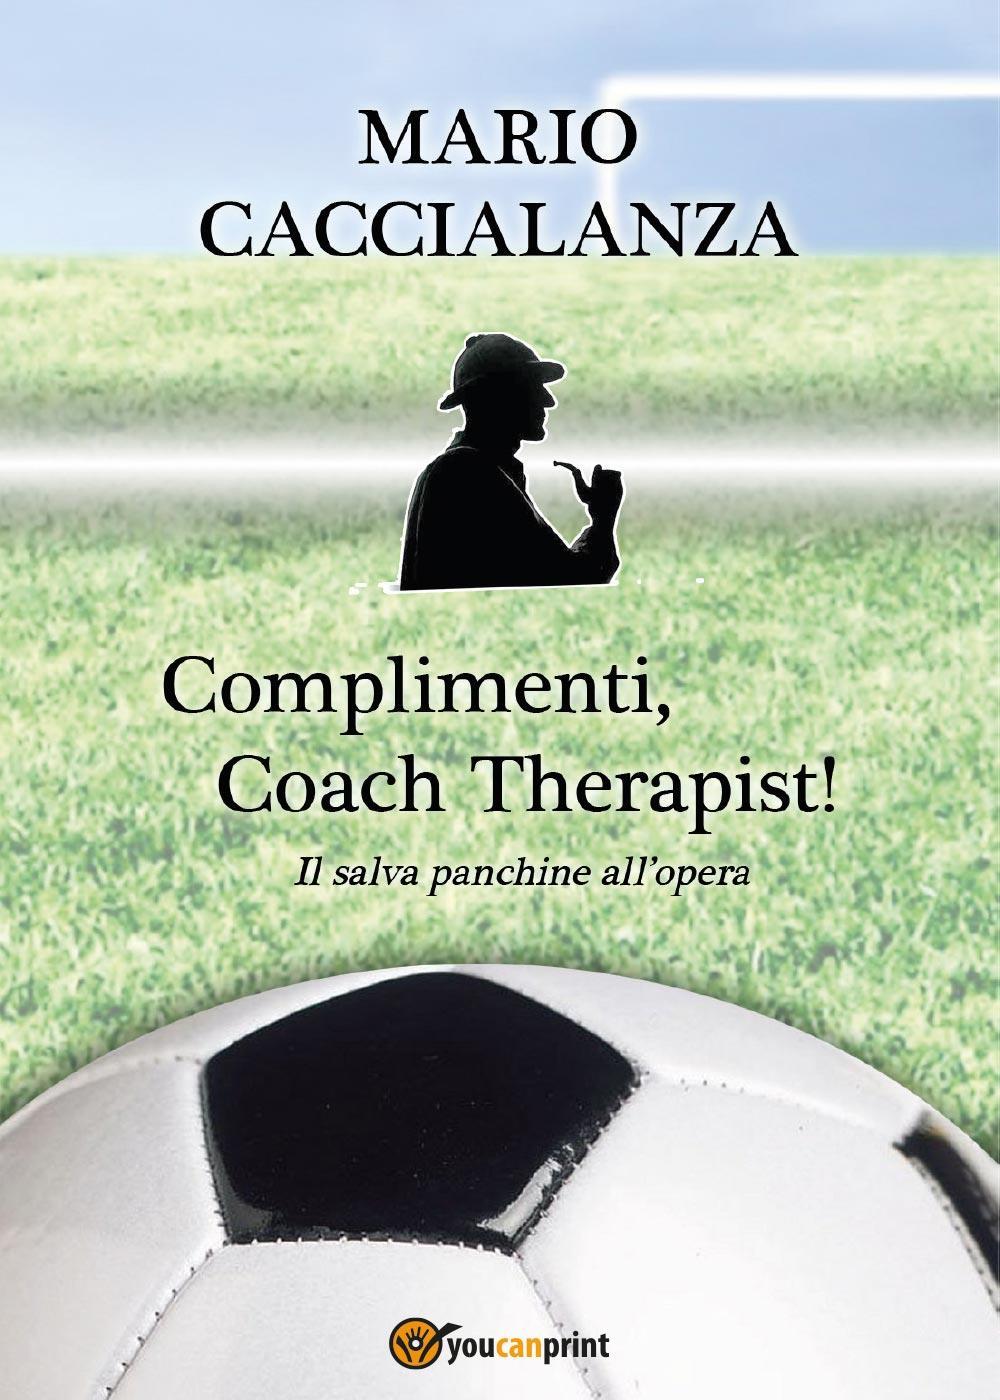 Complimenti, Coach Therapist! Il salva panchine all'opera